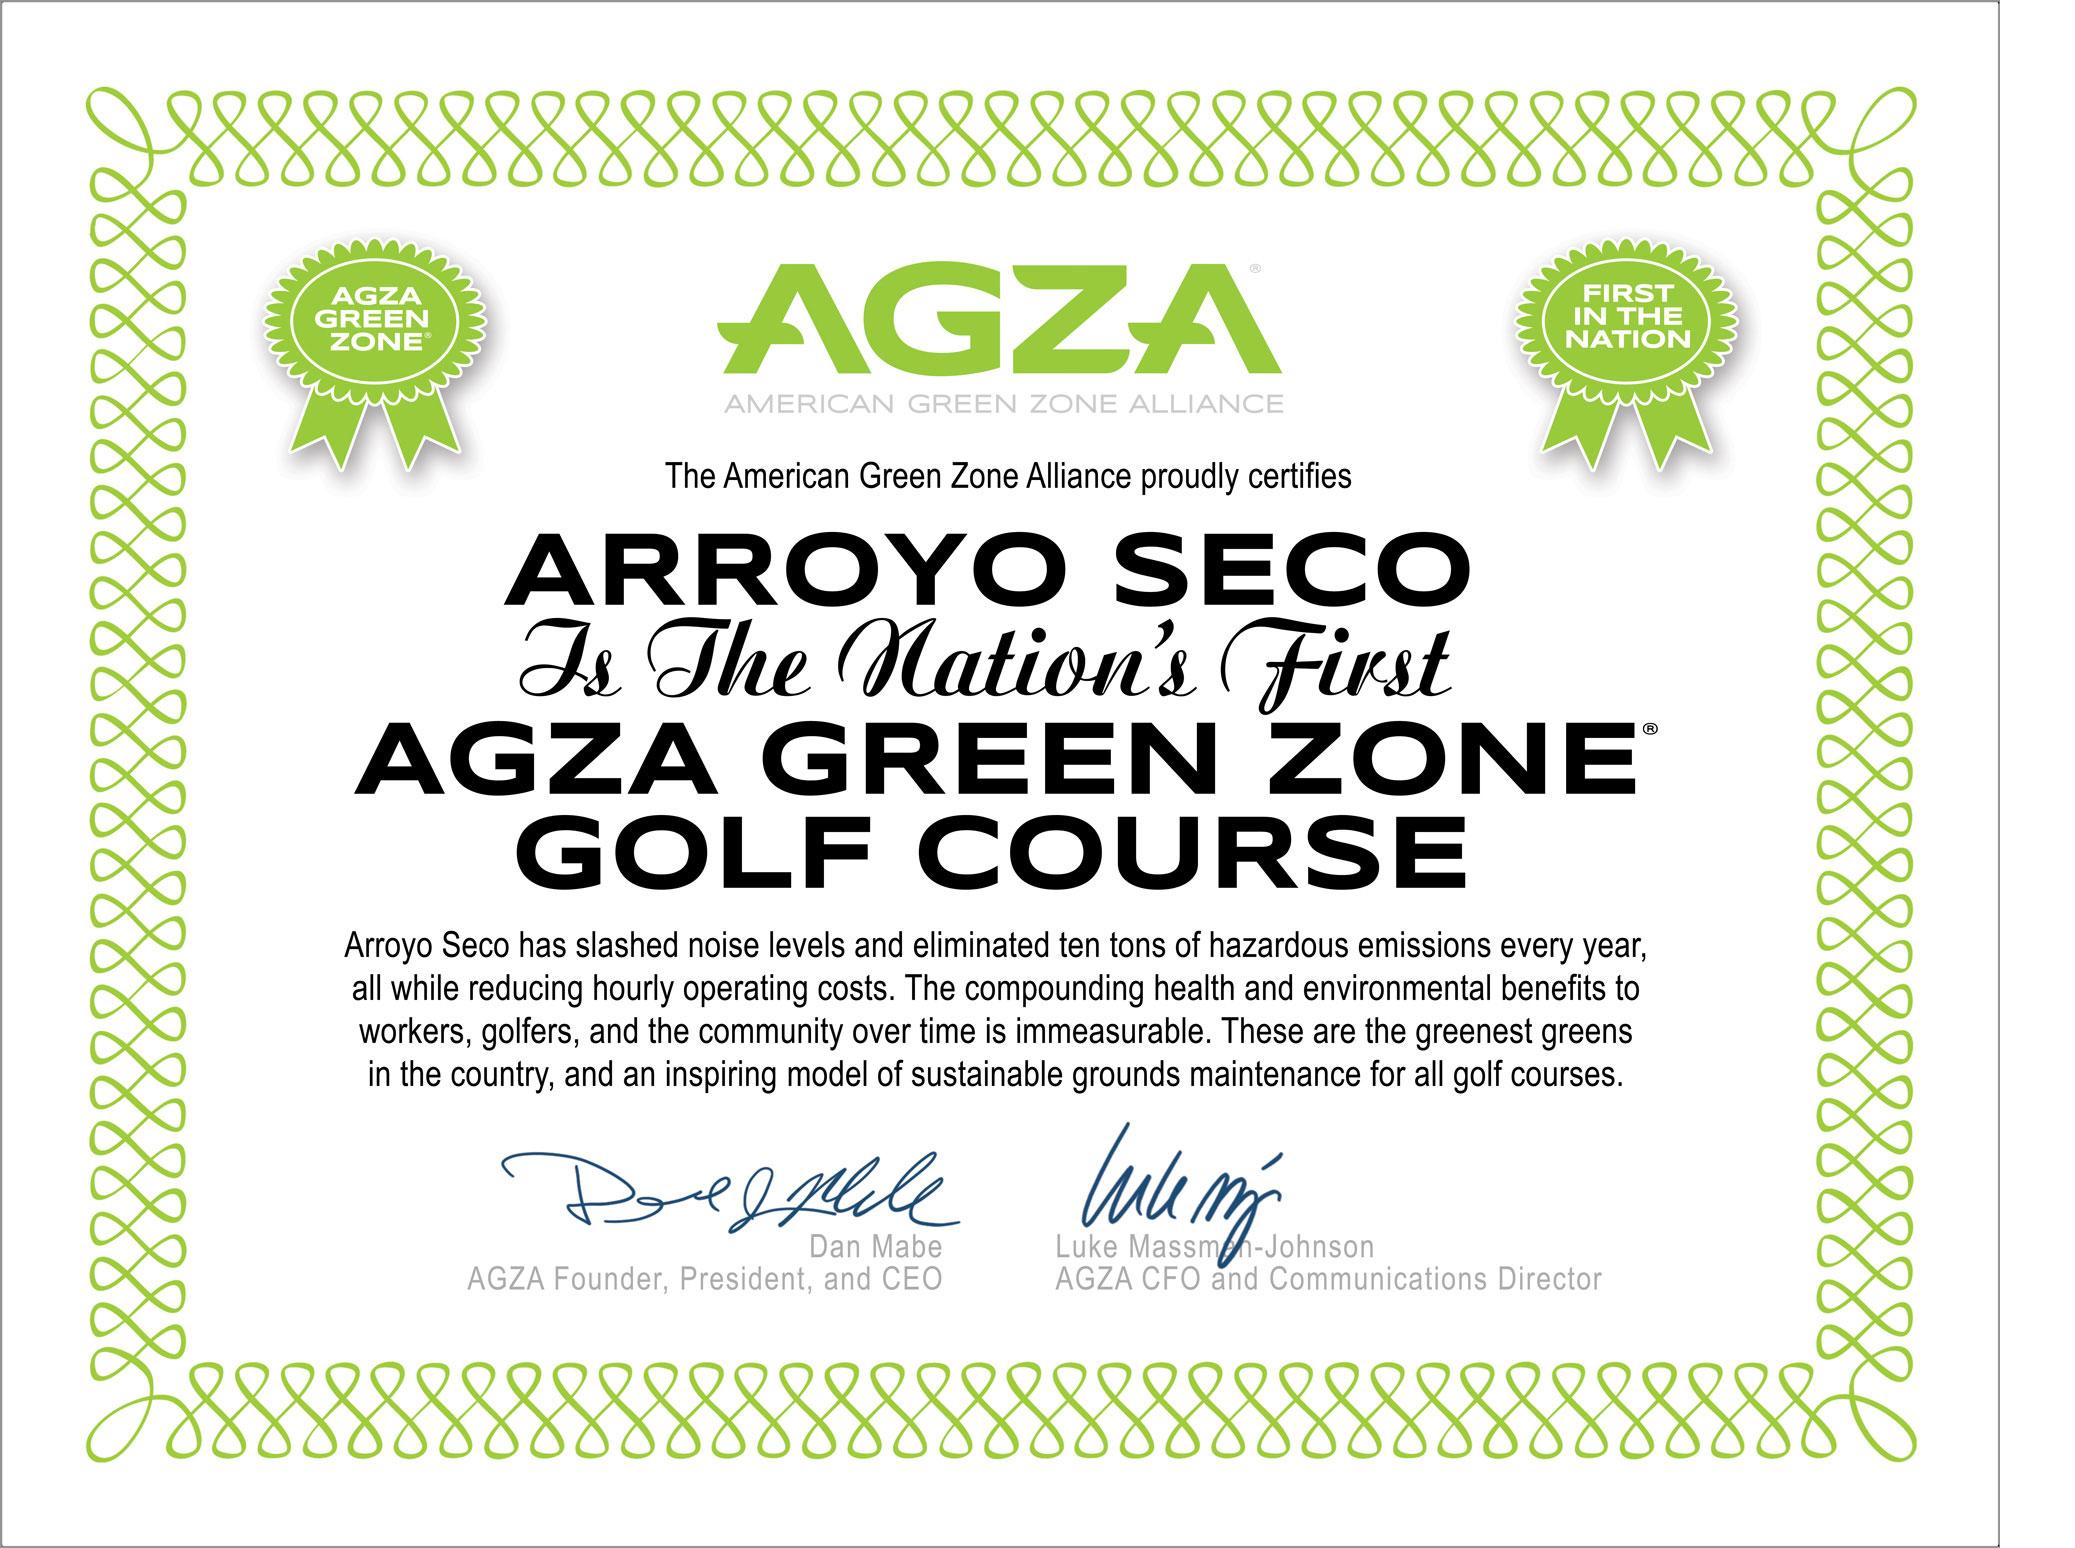 AGZA_GZ_ASGC_certificate_poster_2000_margin.jpg